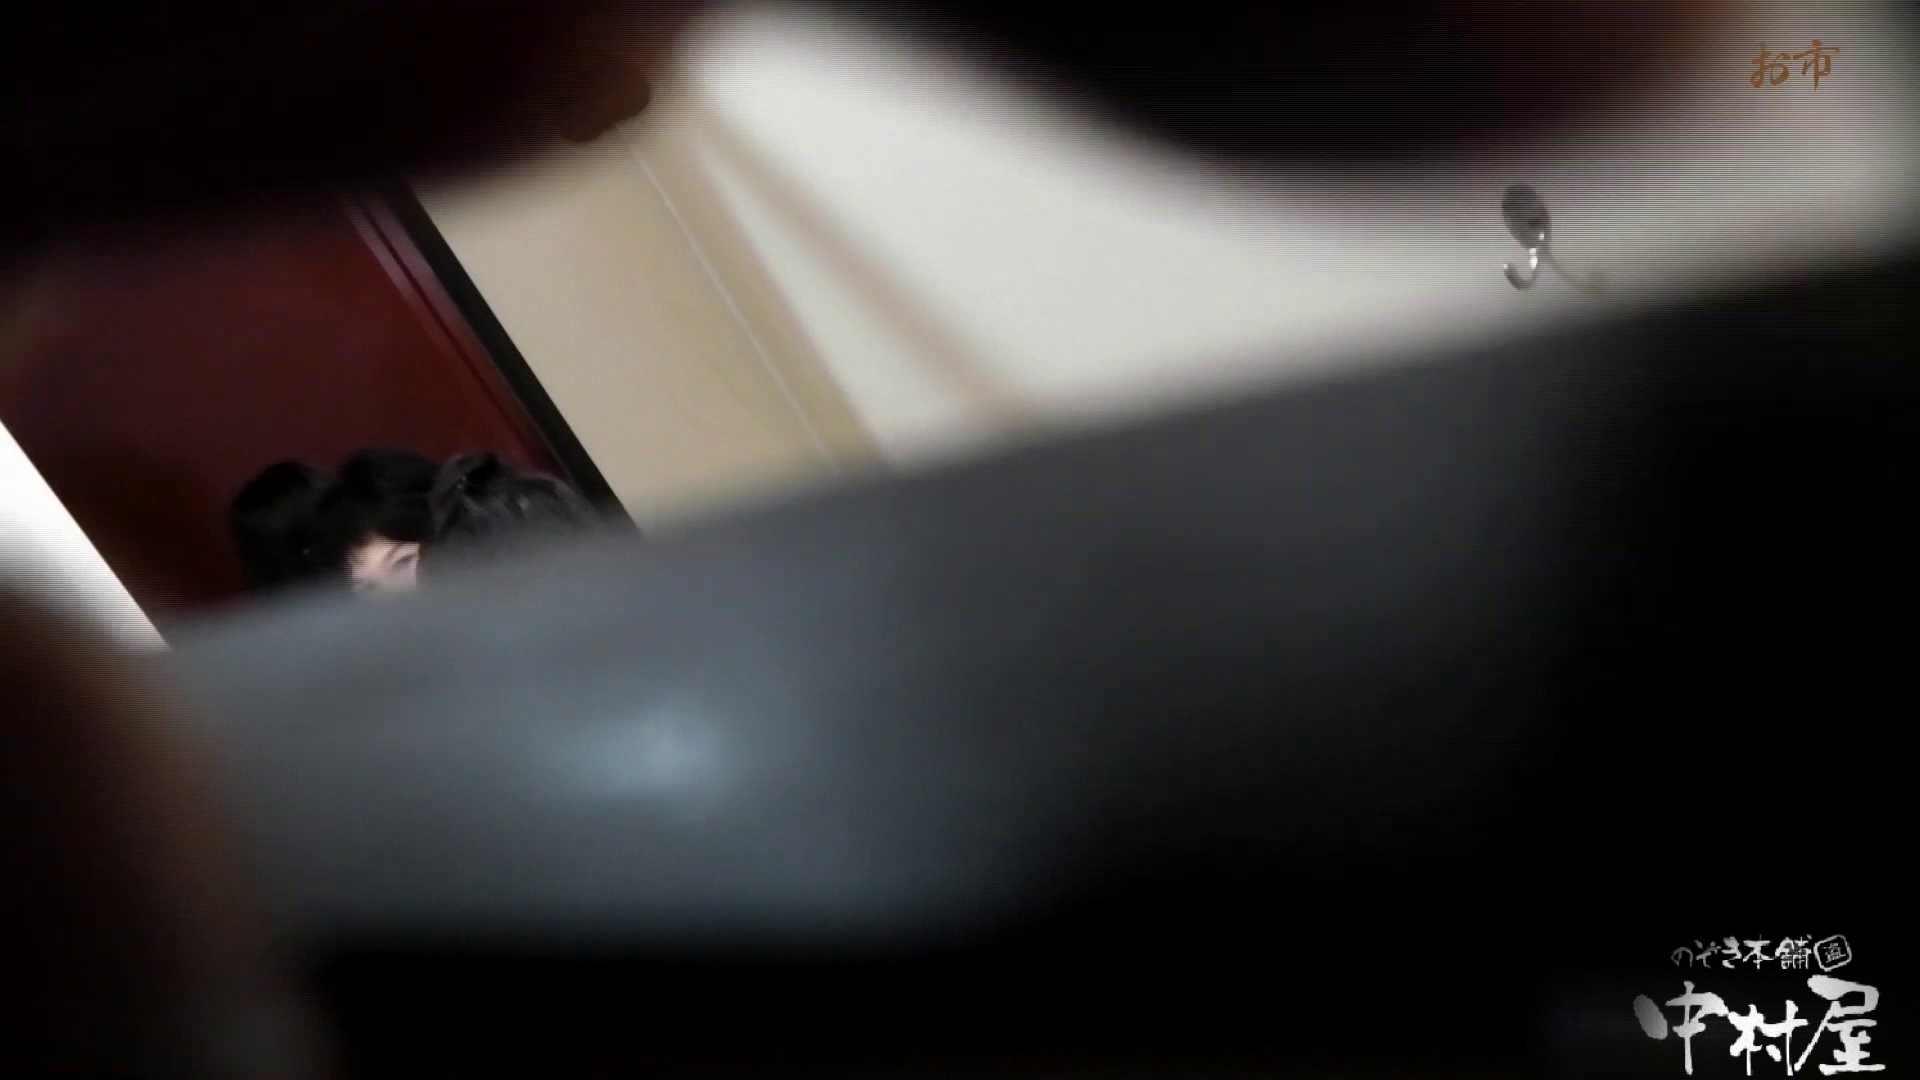 お市さんの「お尻丸出しジャンボリー」No.15 お尻 盗撮動画紹介 107PIX 39